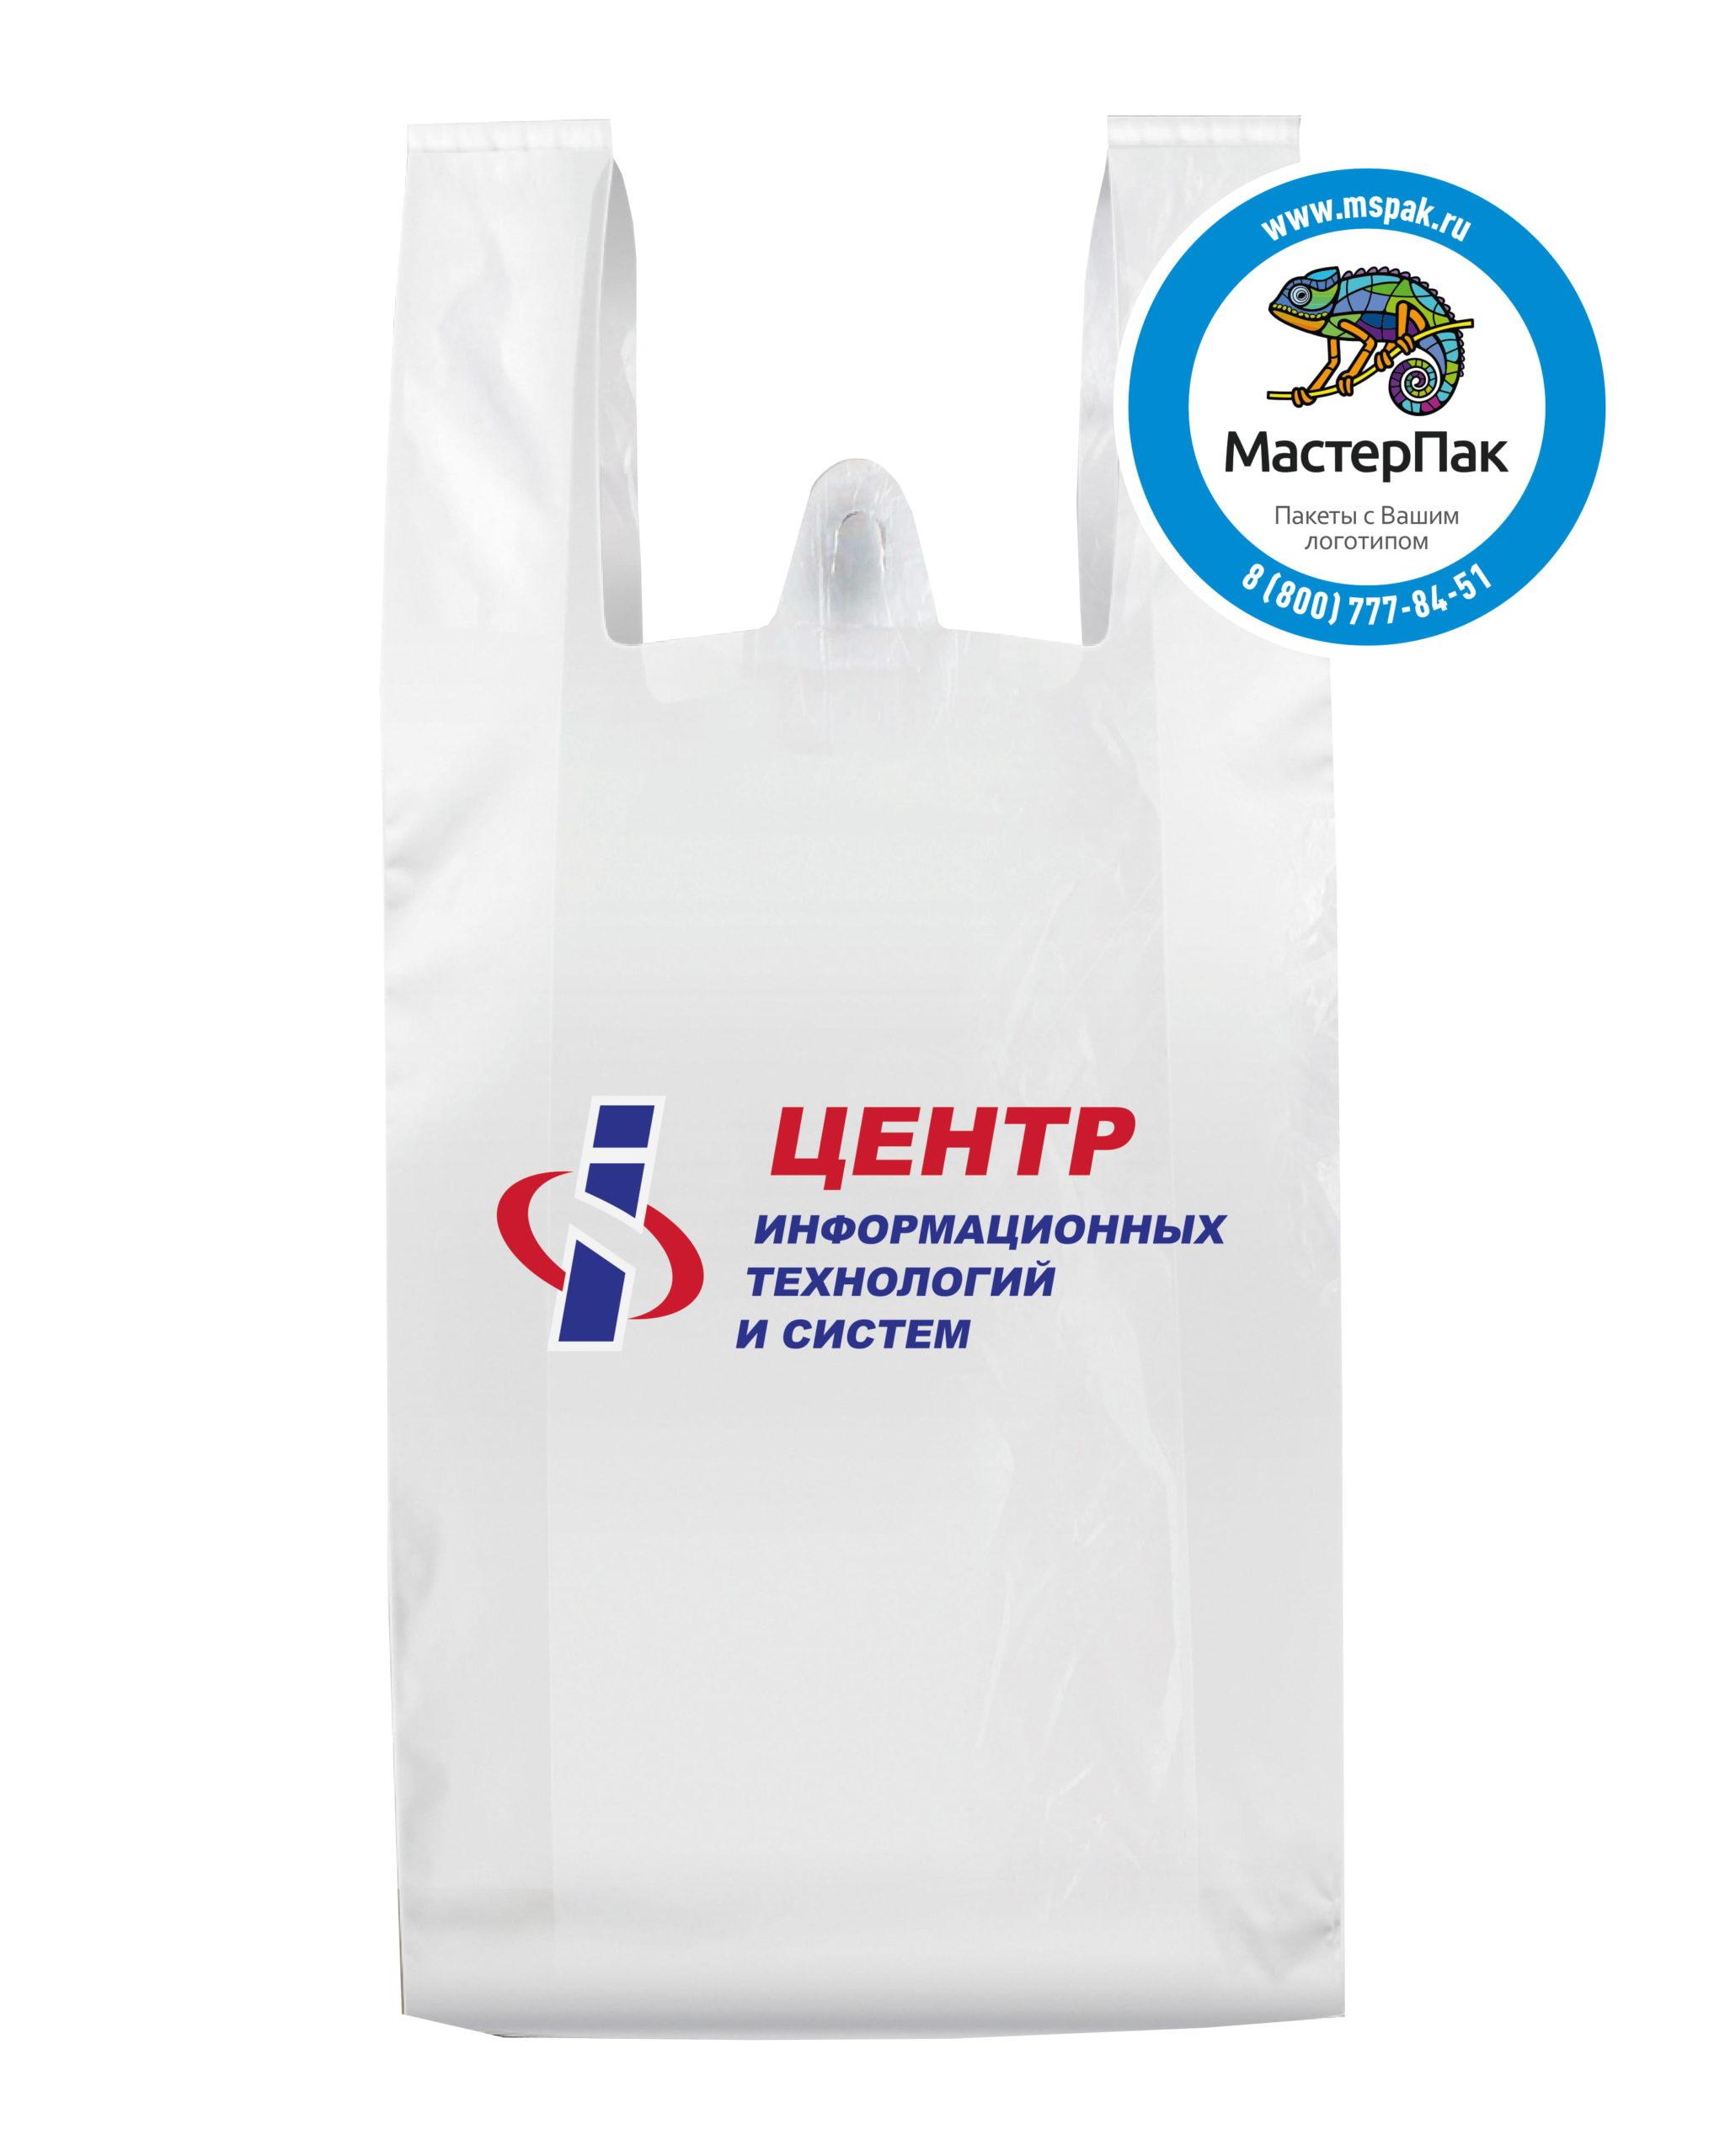 Пакет-майка ПНД с логотипом Центр информационных технологий и систем, 27 мкм, 40*60